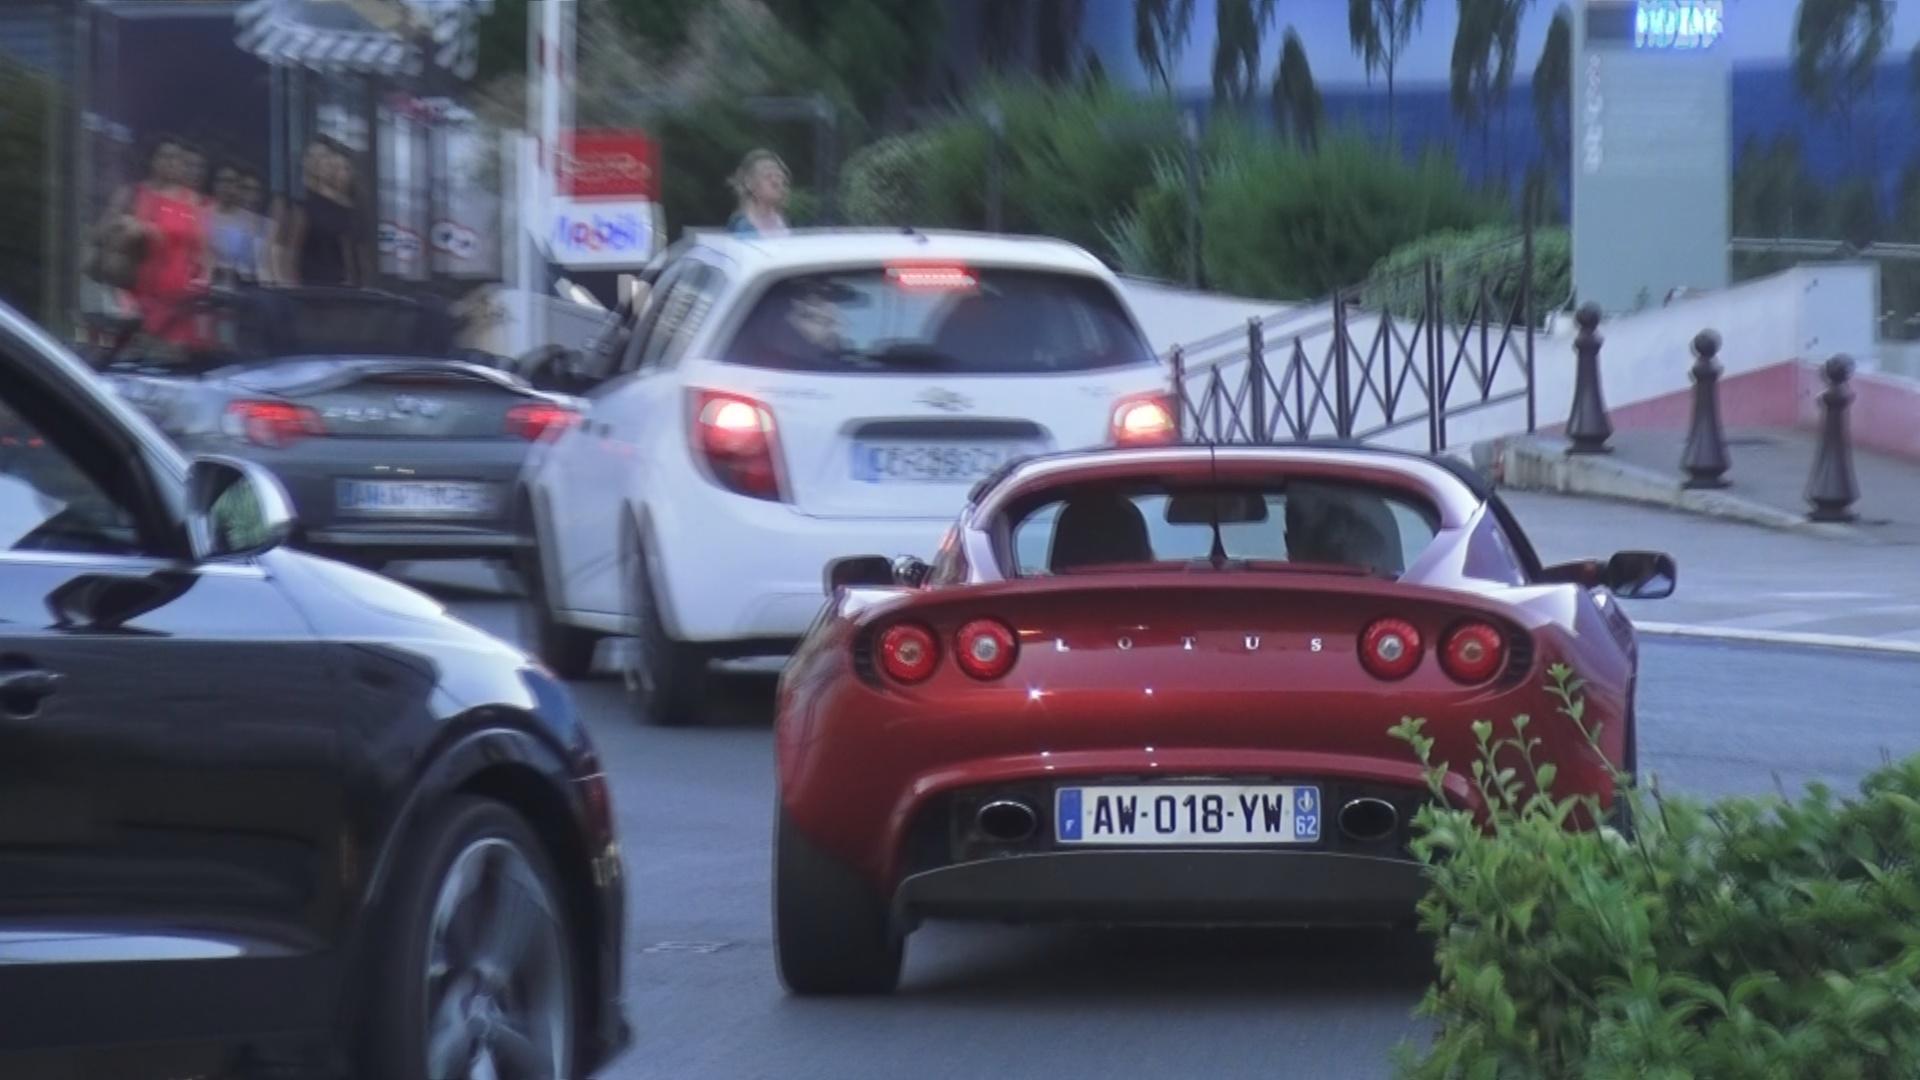 Lotus Elise S2 -AW-018-YW-62 (FRA)